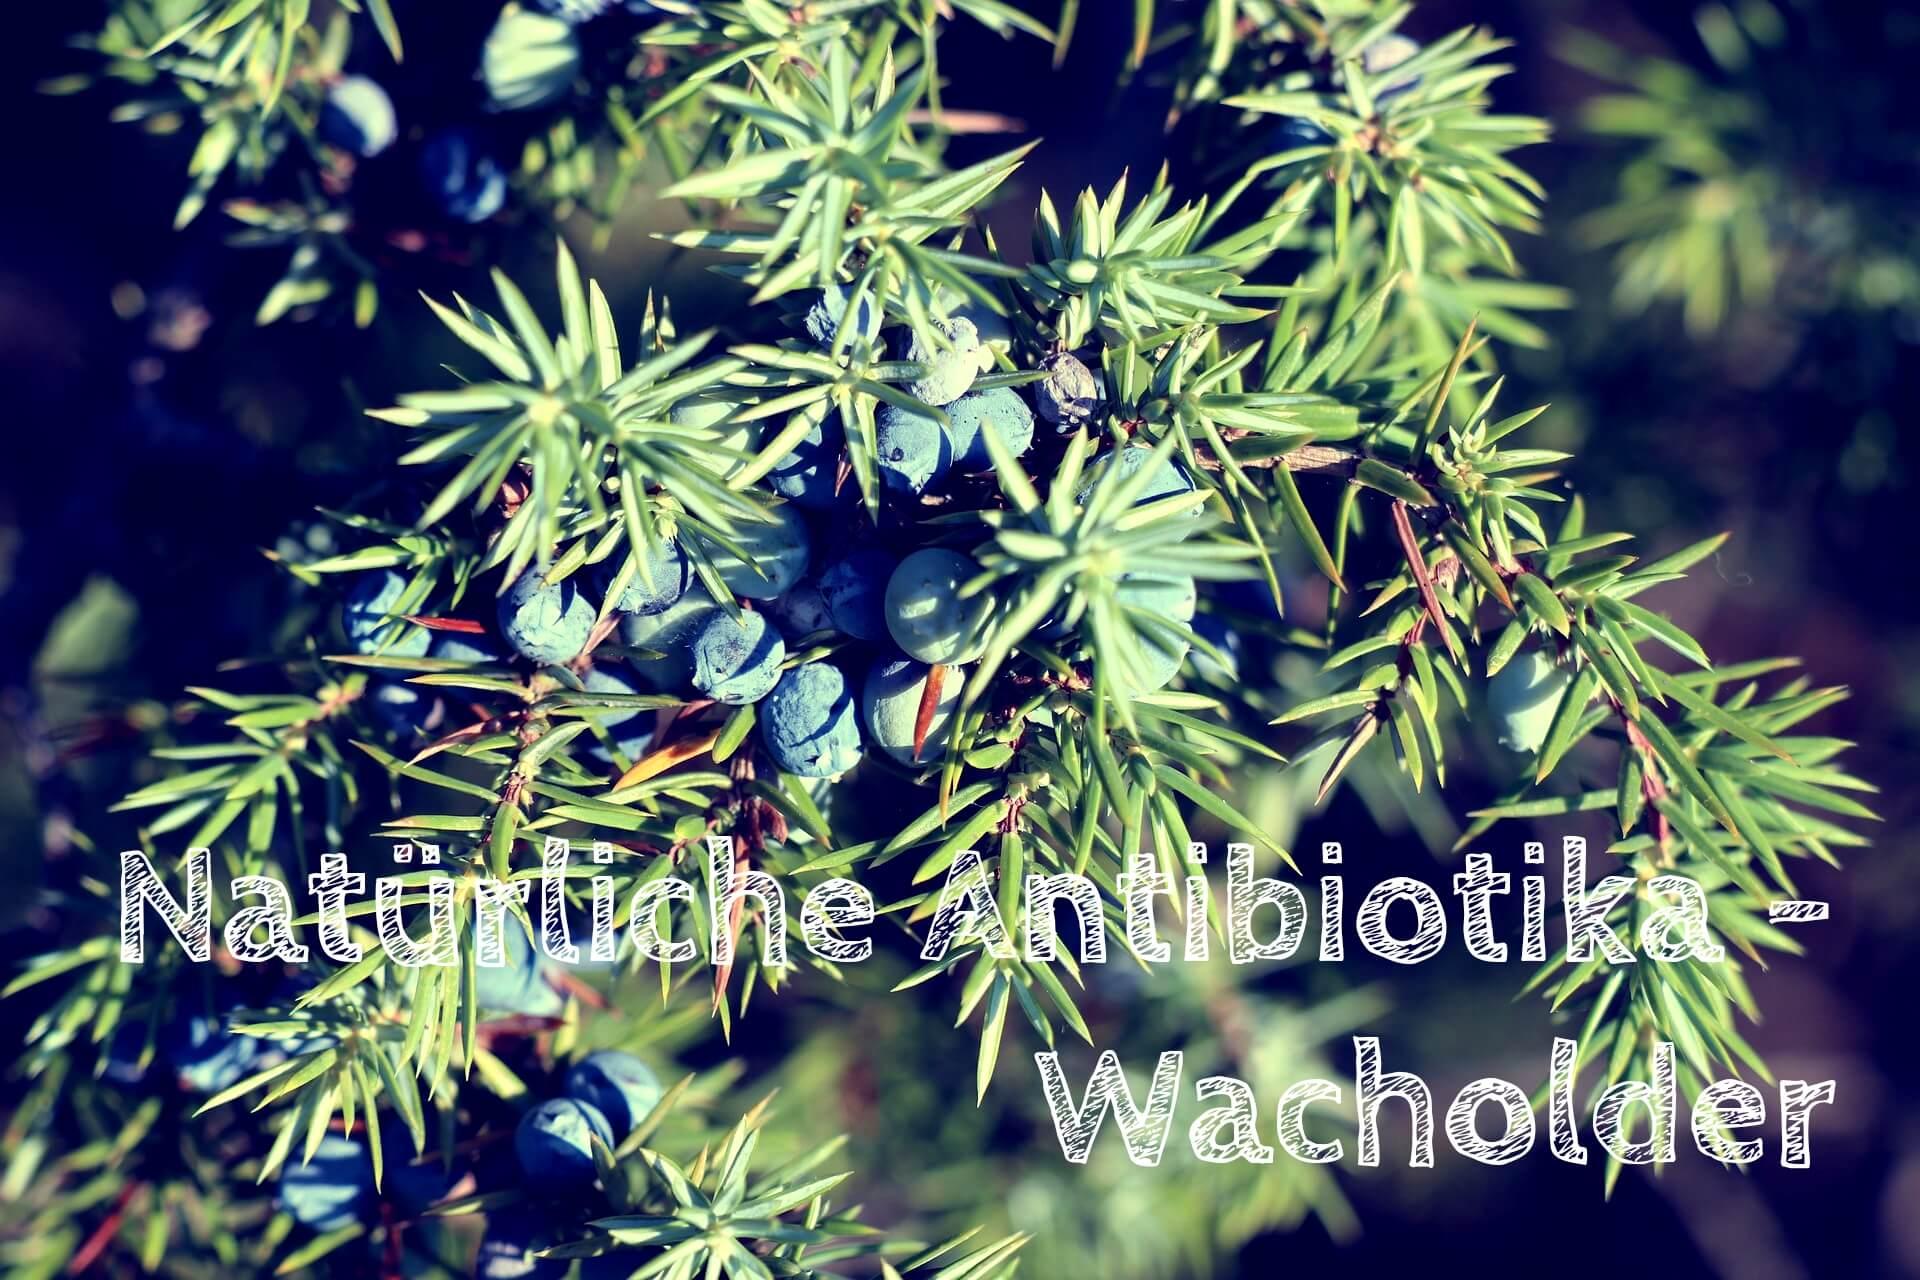 Natürliche Antibiotika – Wacholder